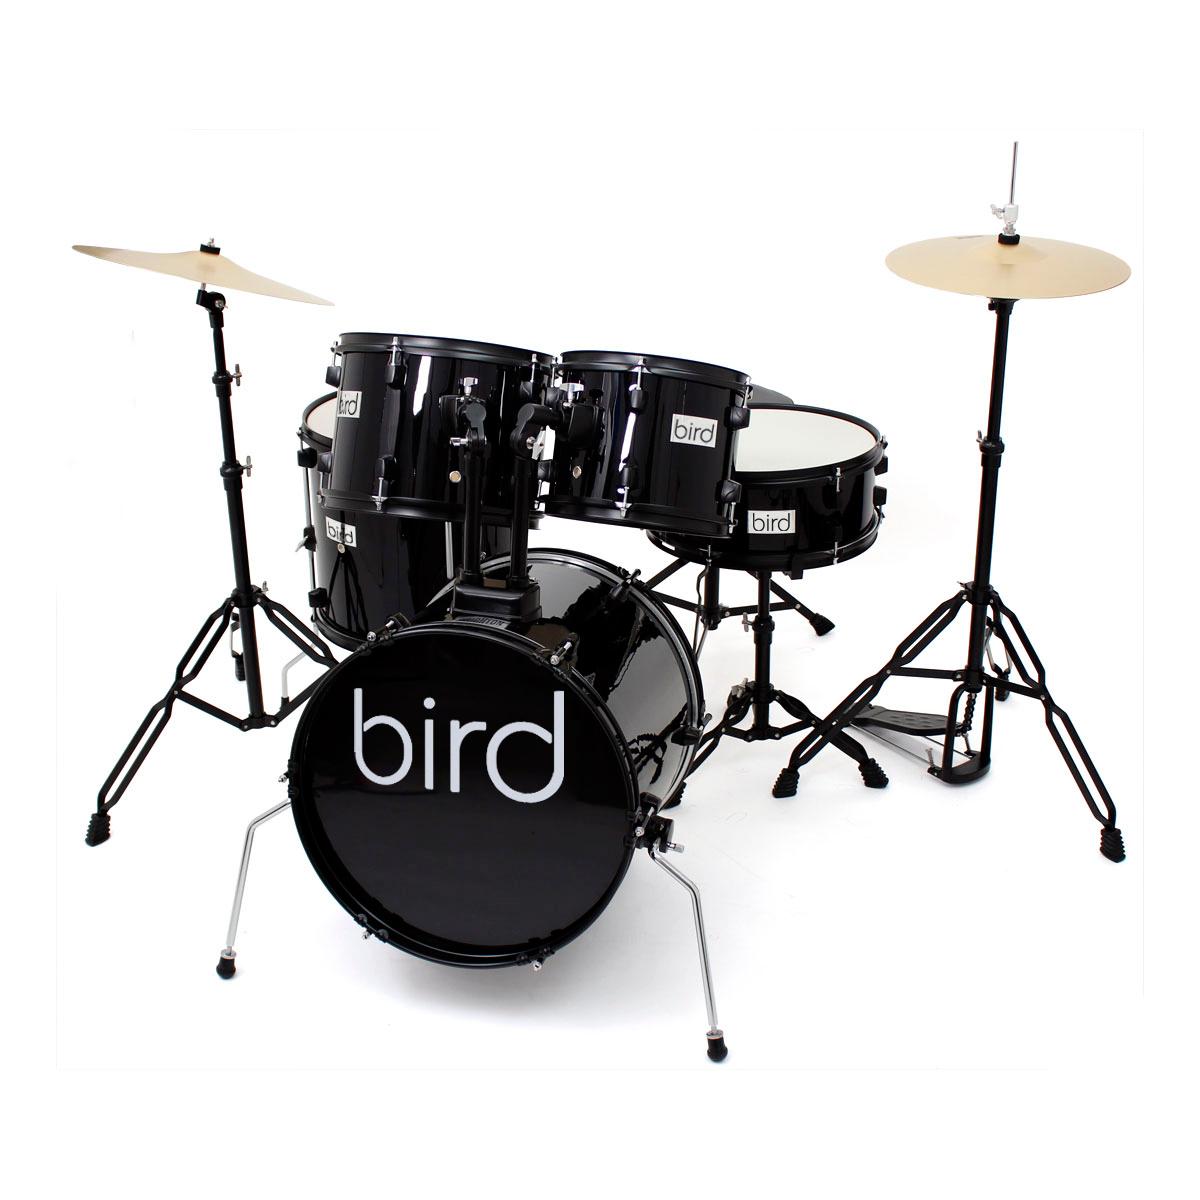 Bird Ds102j Bk